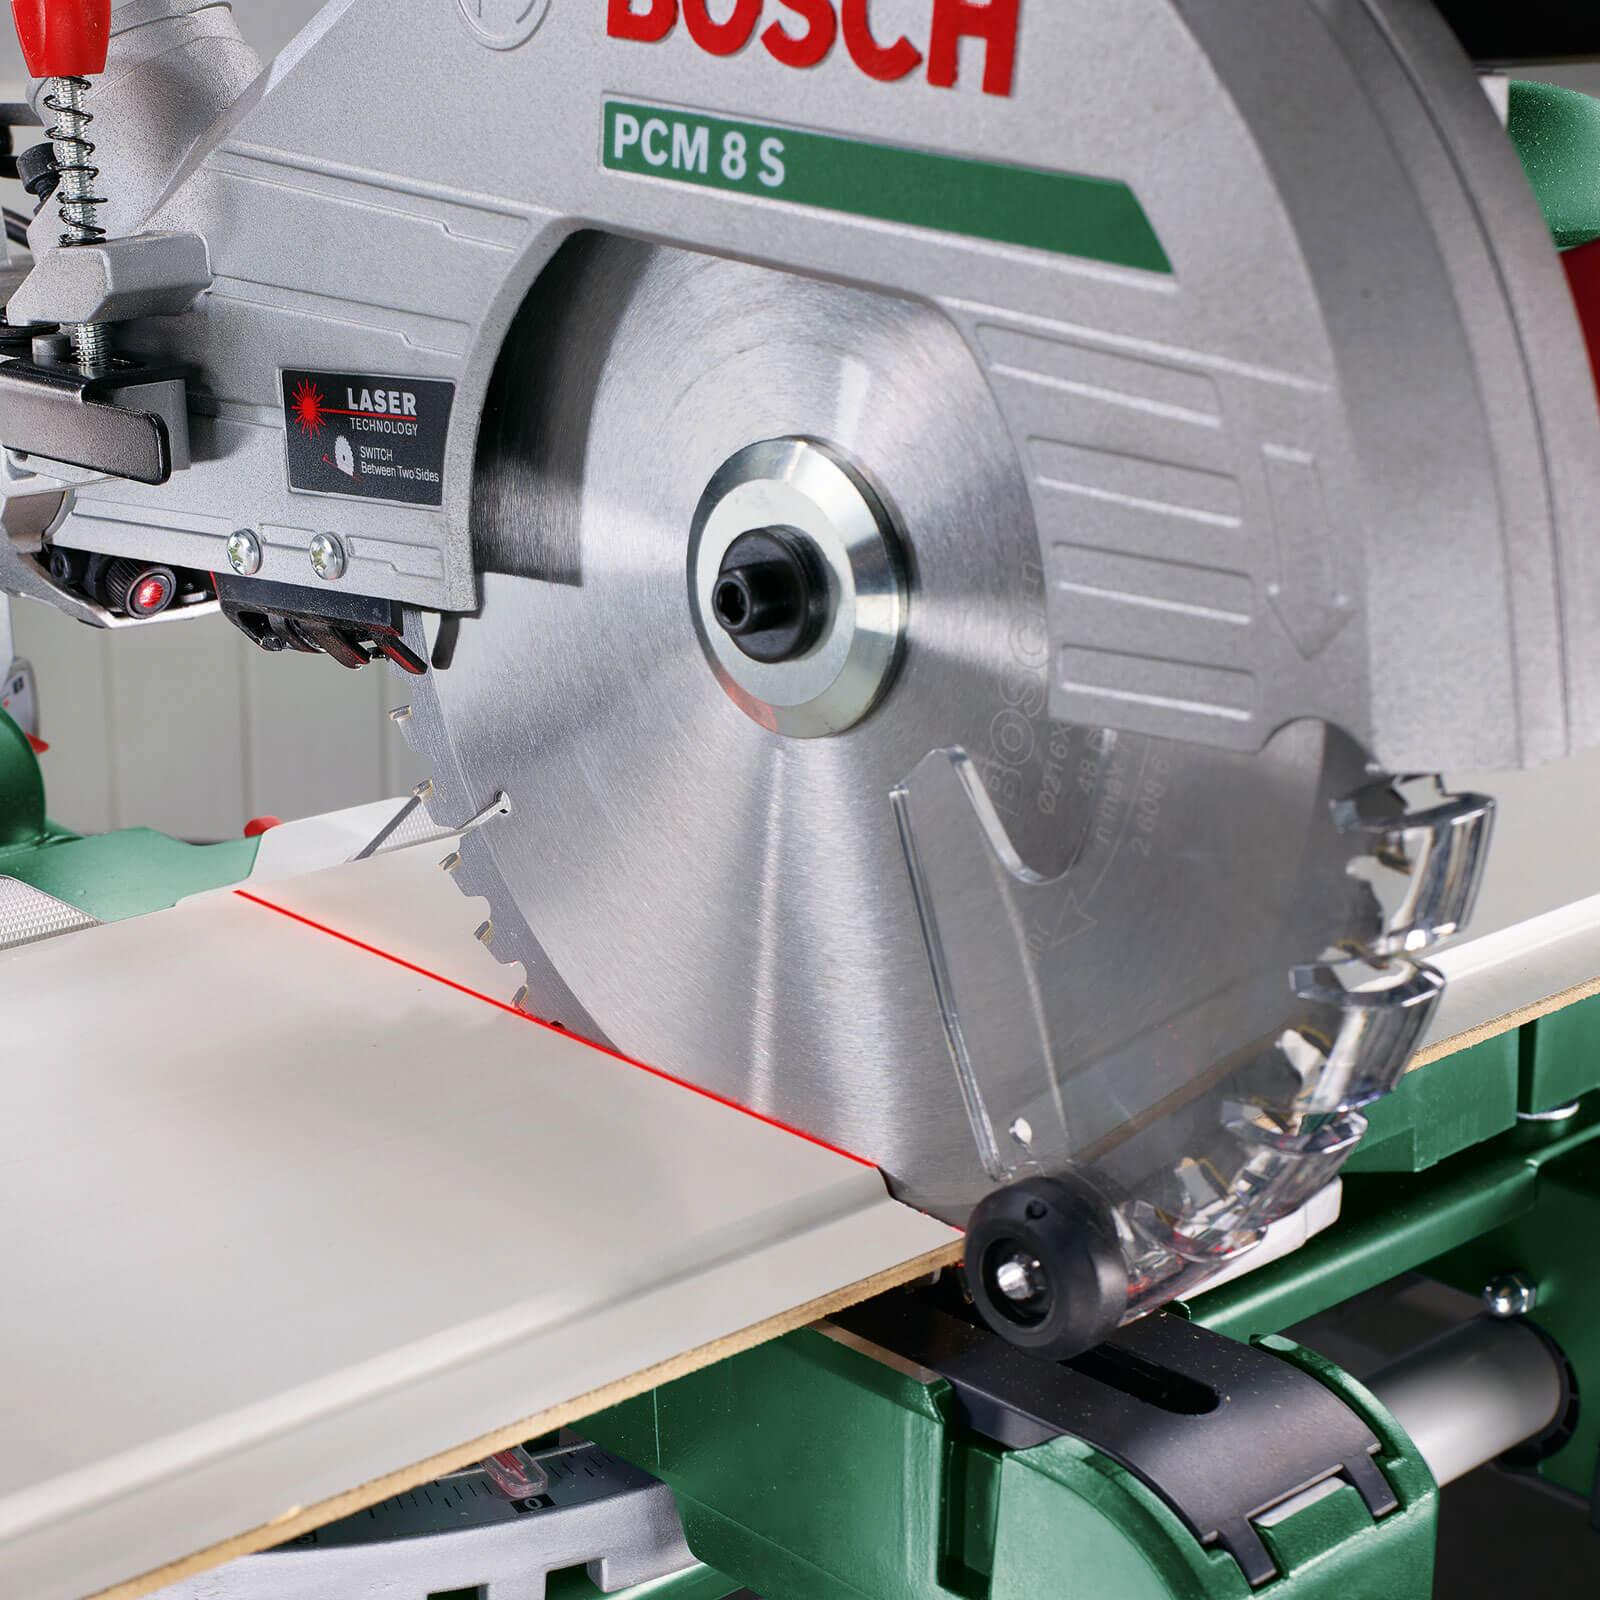 bosch pcm 8 s sliding compound mitre saw with laser guide 216mm blade 1200w 240v tooled. Black Bedroom Furniture Sets. Home Design Ideas